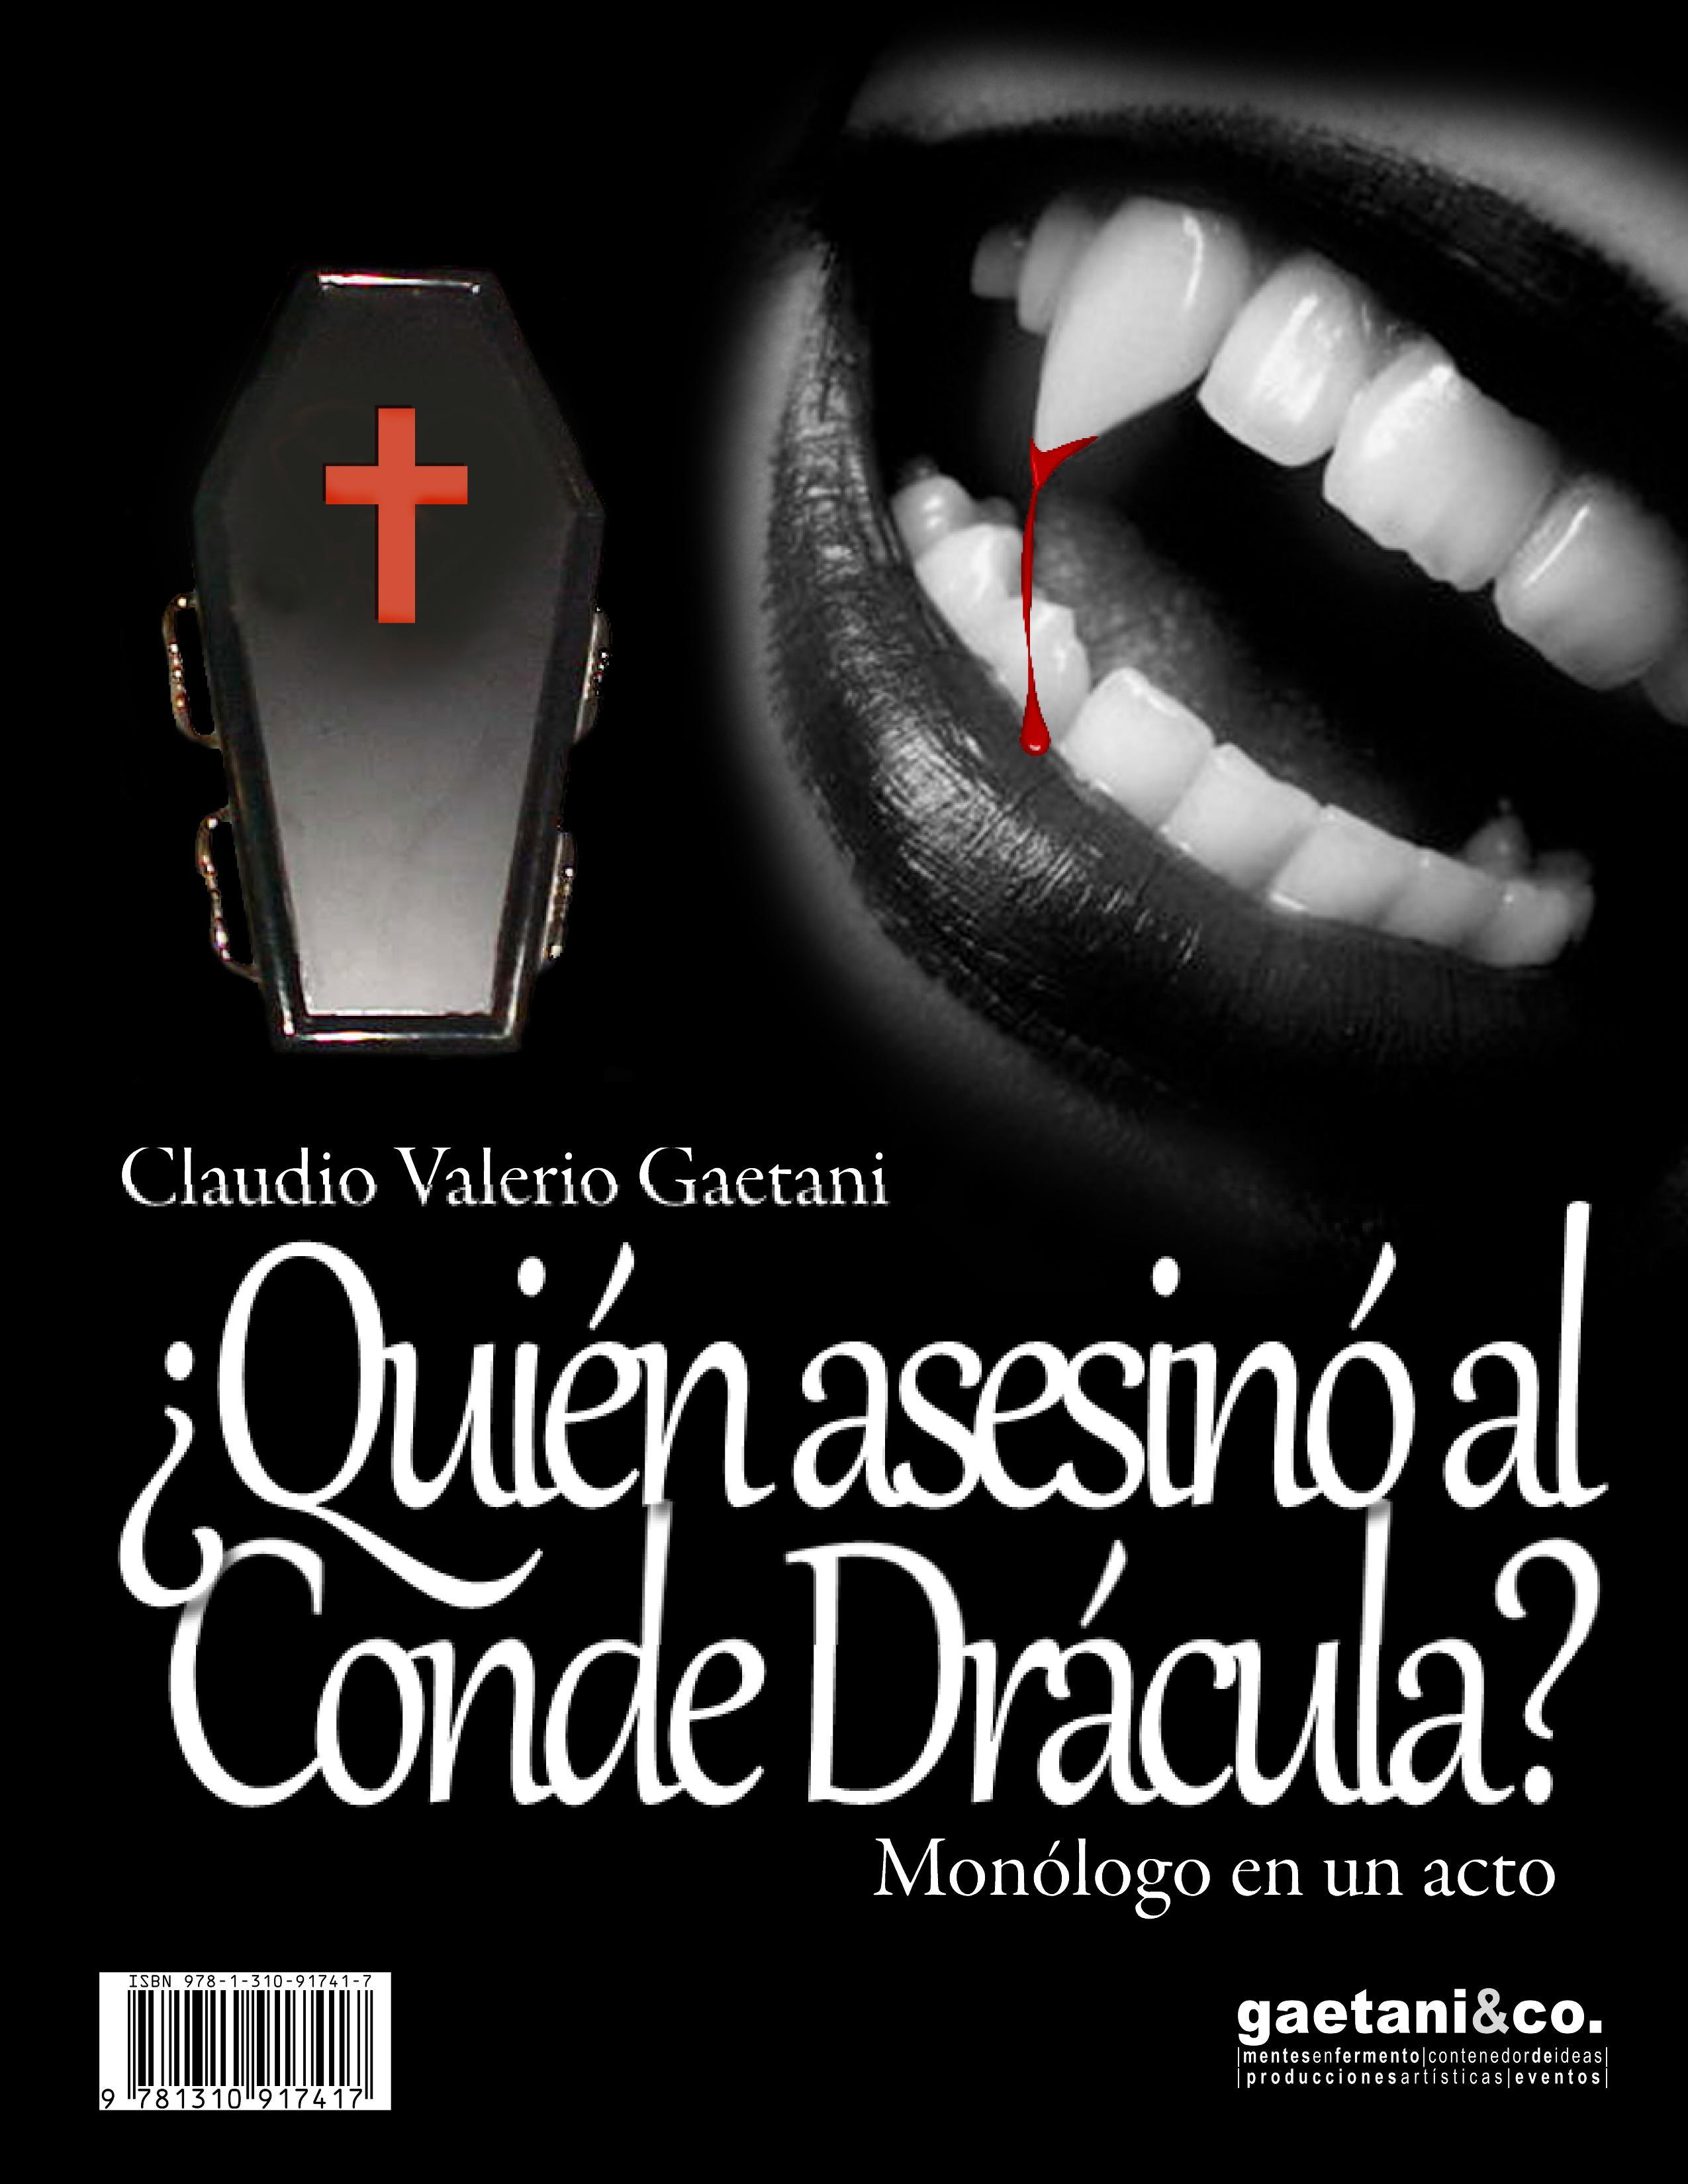 ¿Quien asesinó al Conde Drácula?